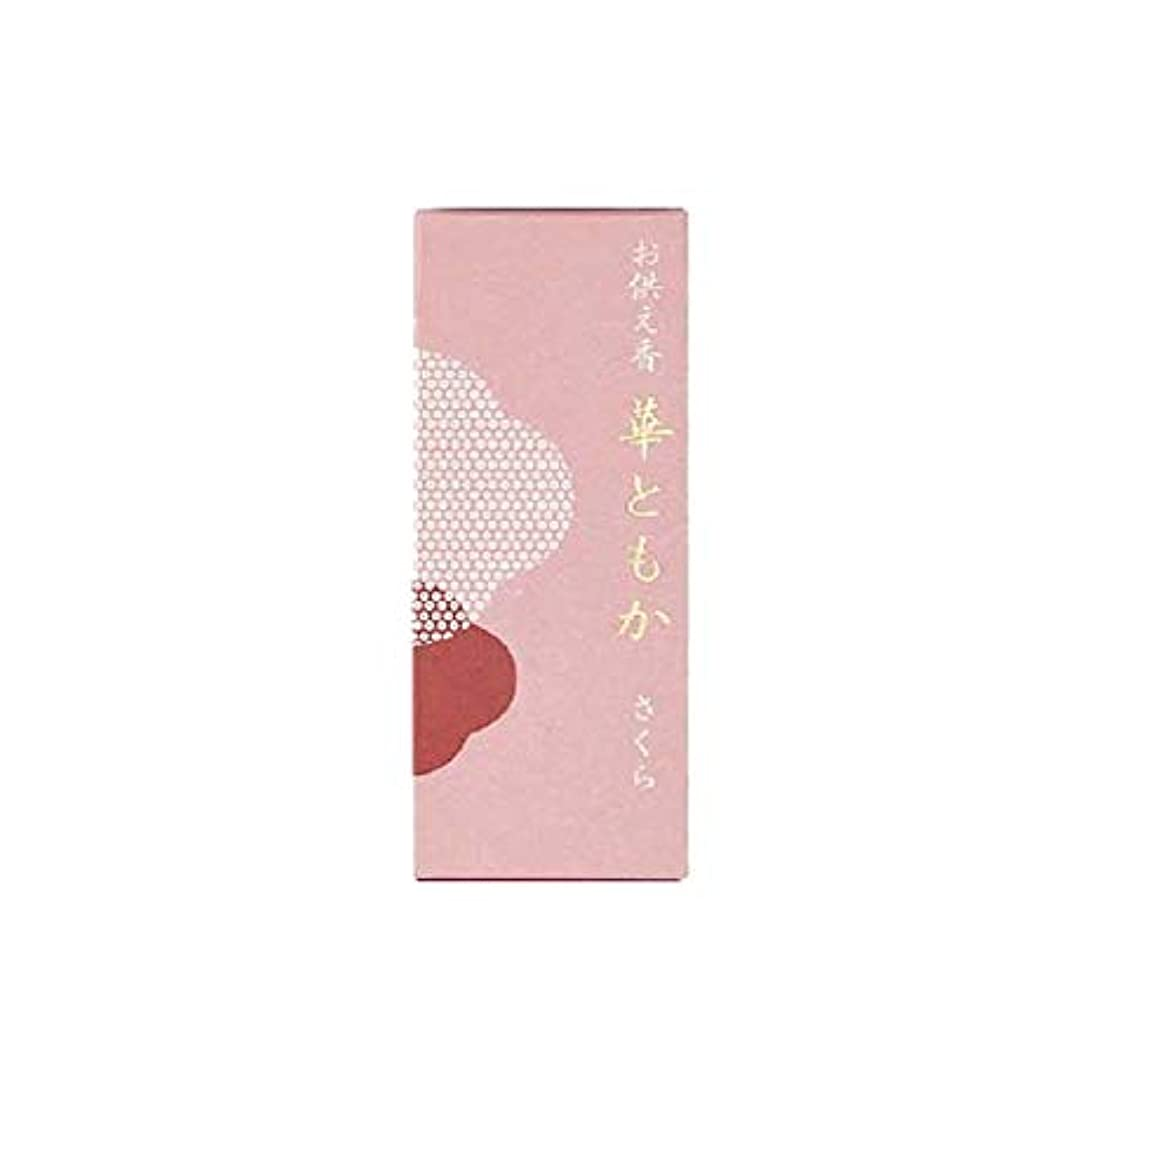 解決する収容するラフお供え香 華ともか 補充用香料 さくらの香り